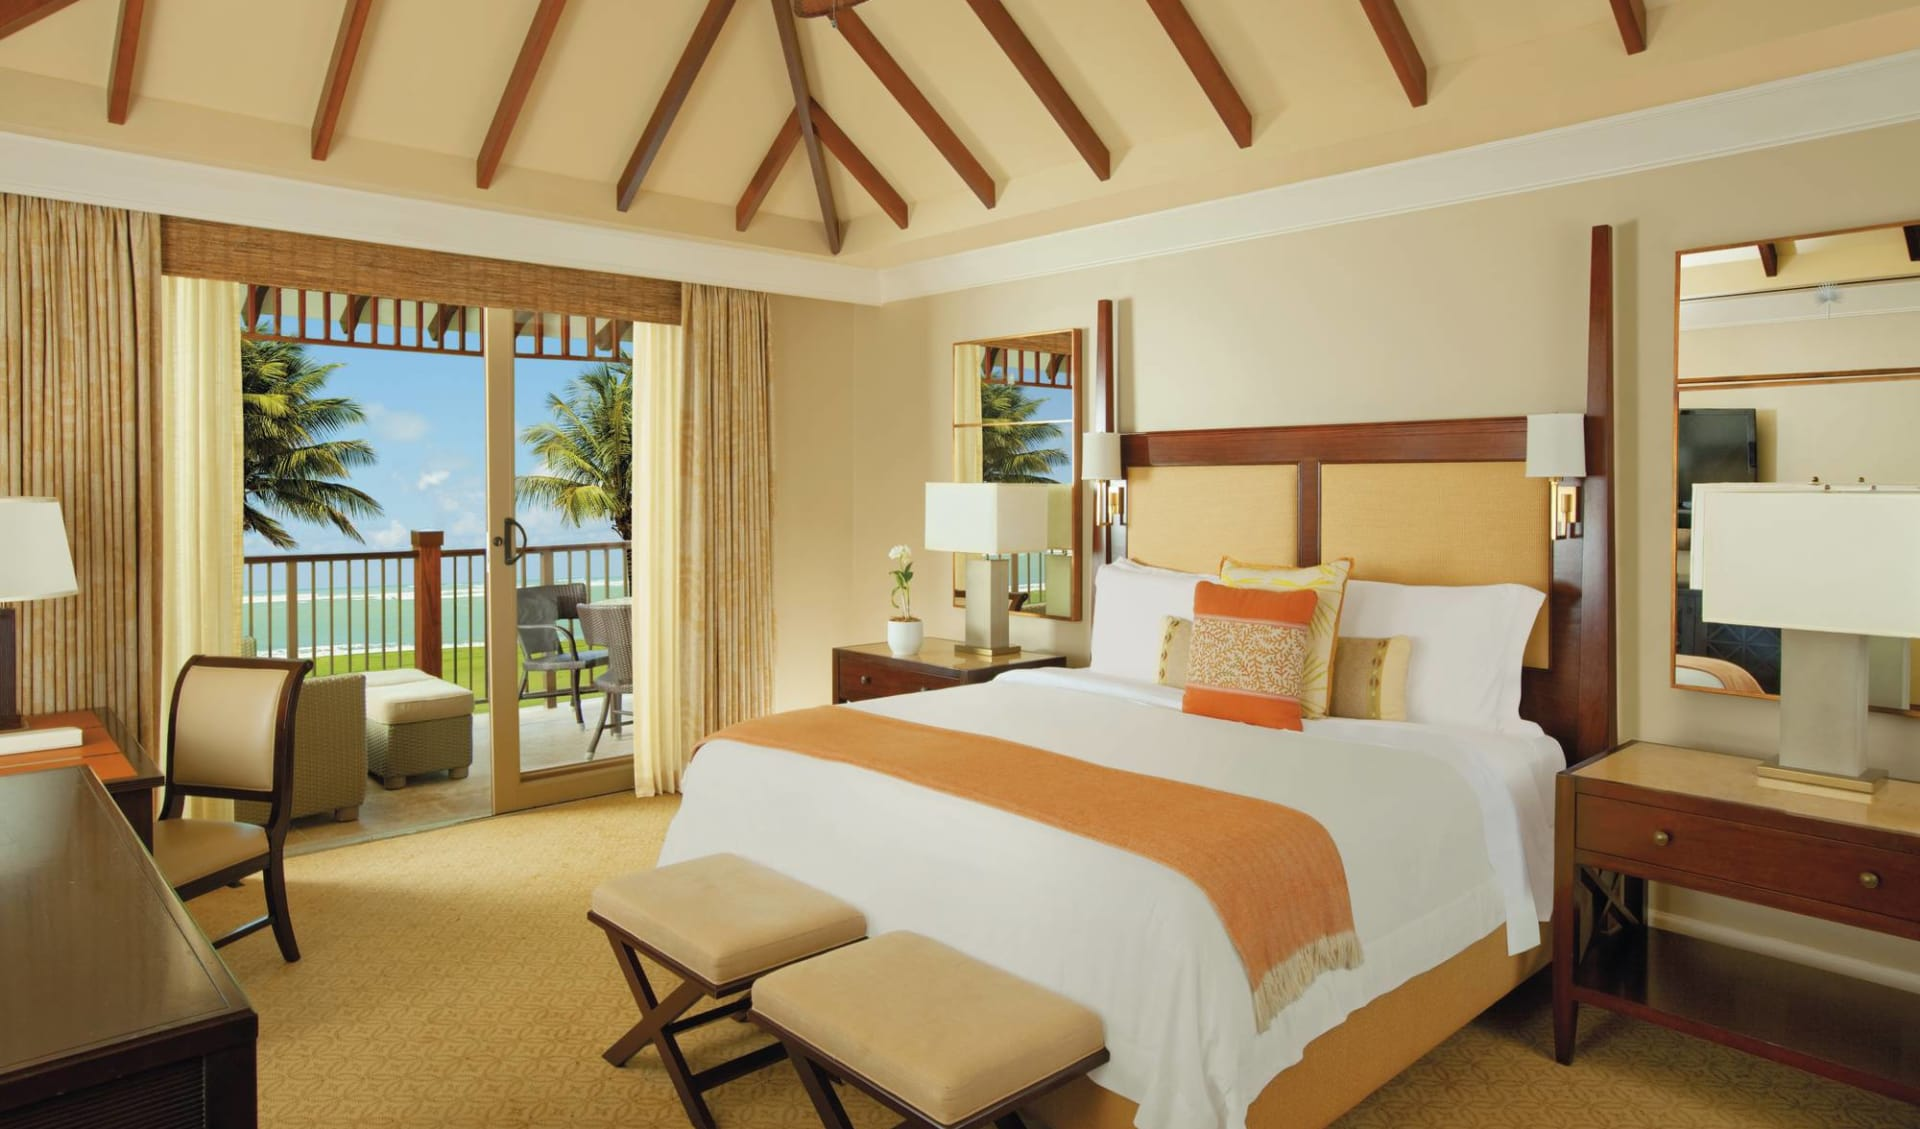 St. Regis Bahia Beach Resort in San Juan:  St. Regis Bahia Beach Resort Puerto Rico Room - Bahia Beach c Hotel (3)